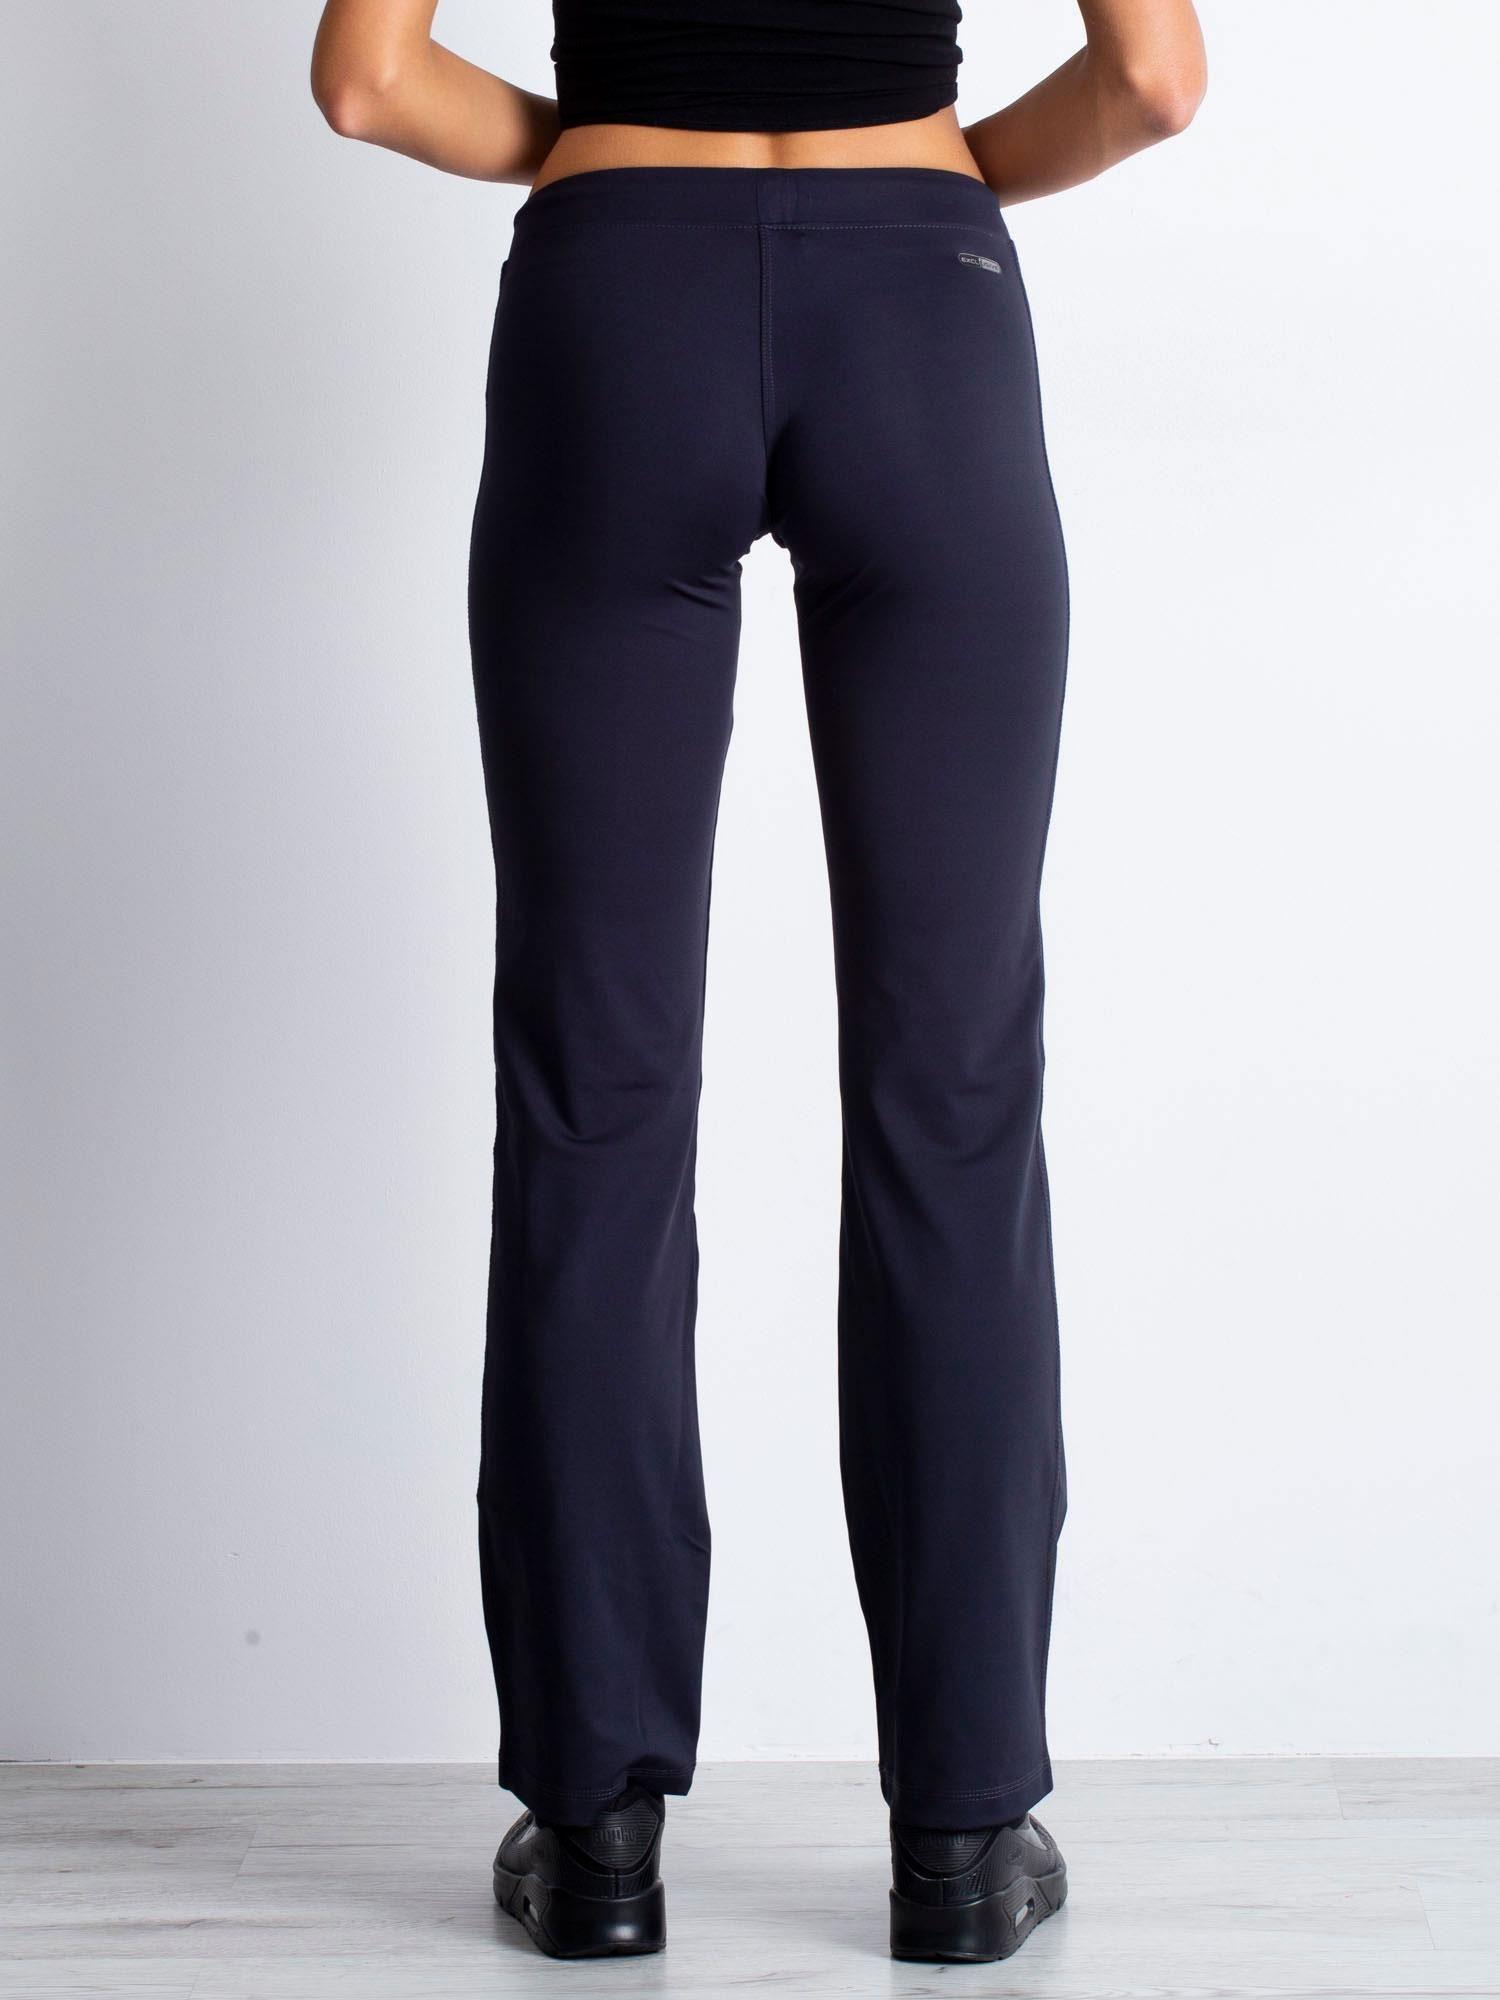 Grafitowe spodnie dresowe z kieszonkami i dżetami